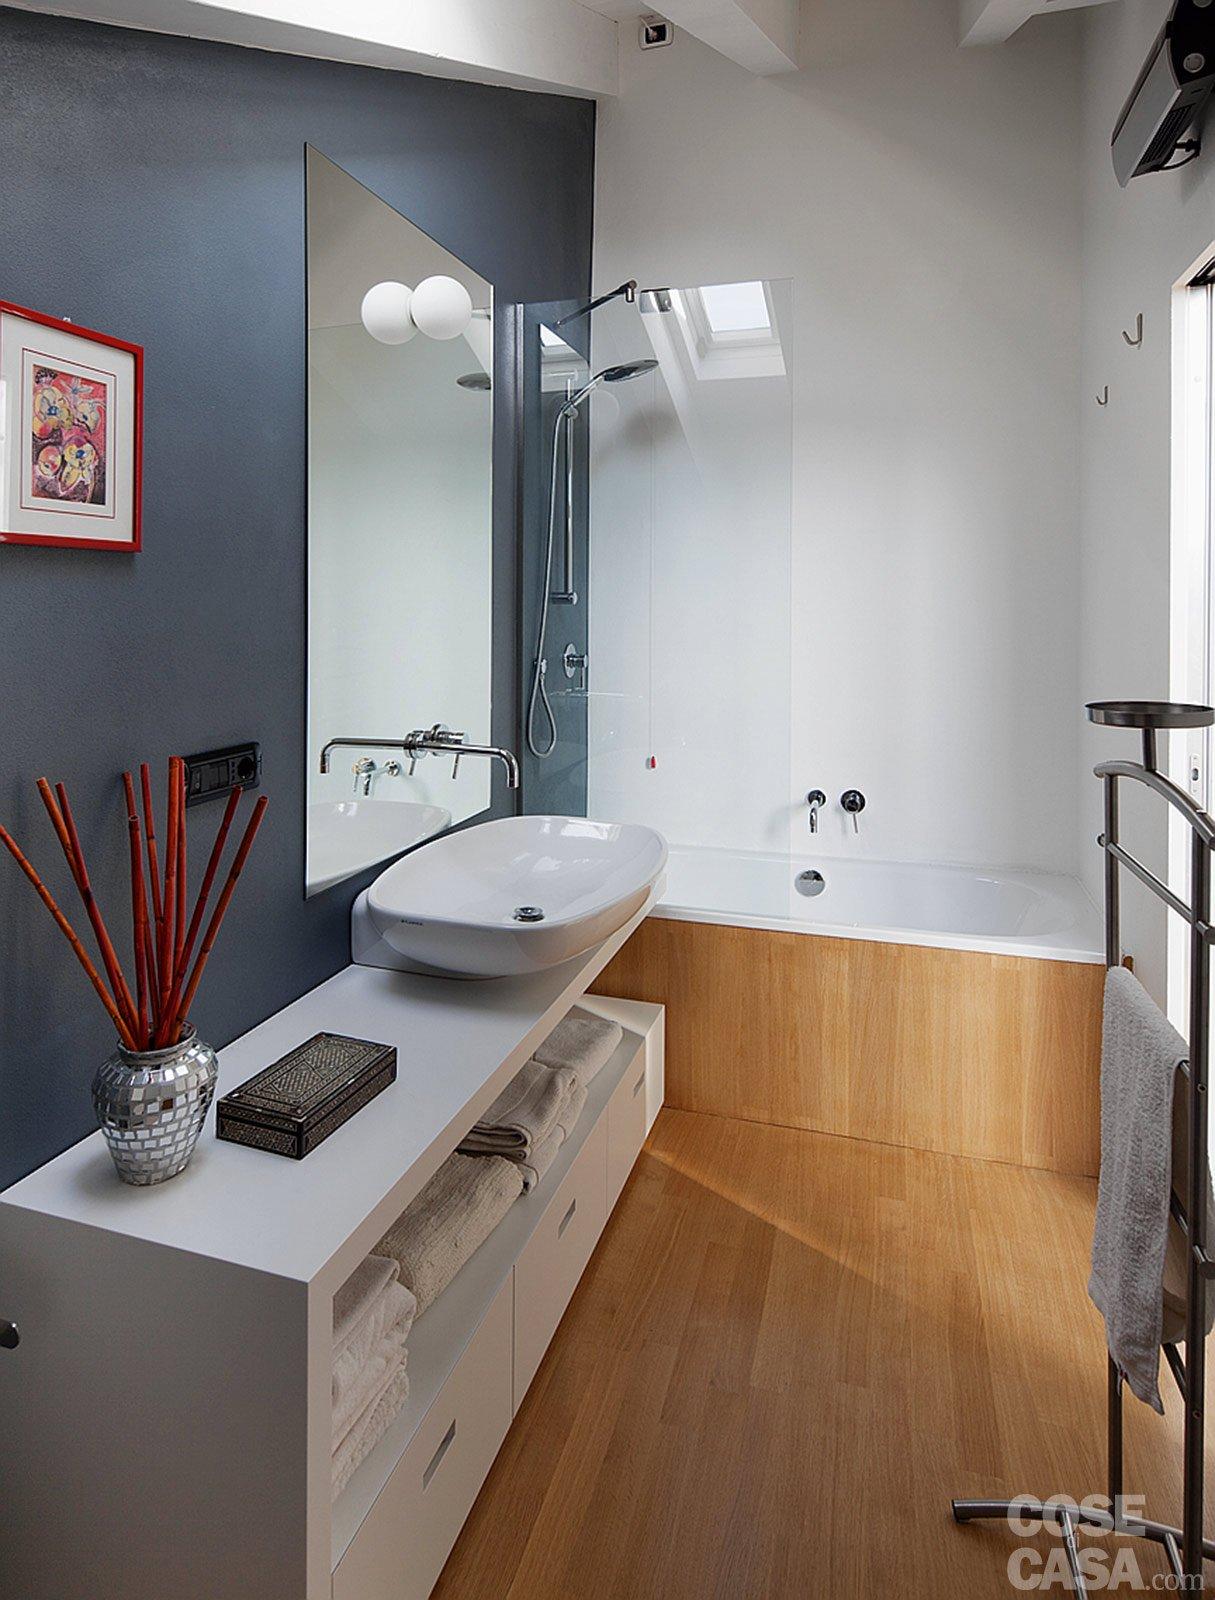 60 50 mq una casa con elementi a scomparsa cose di casa - Rivestimento bagno legno ...